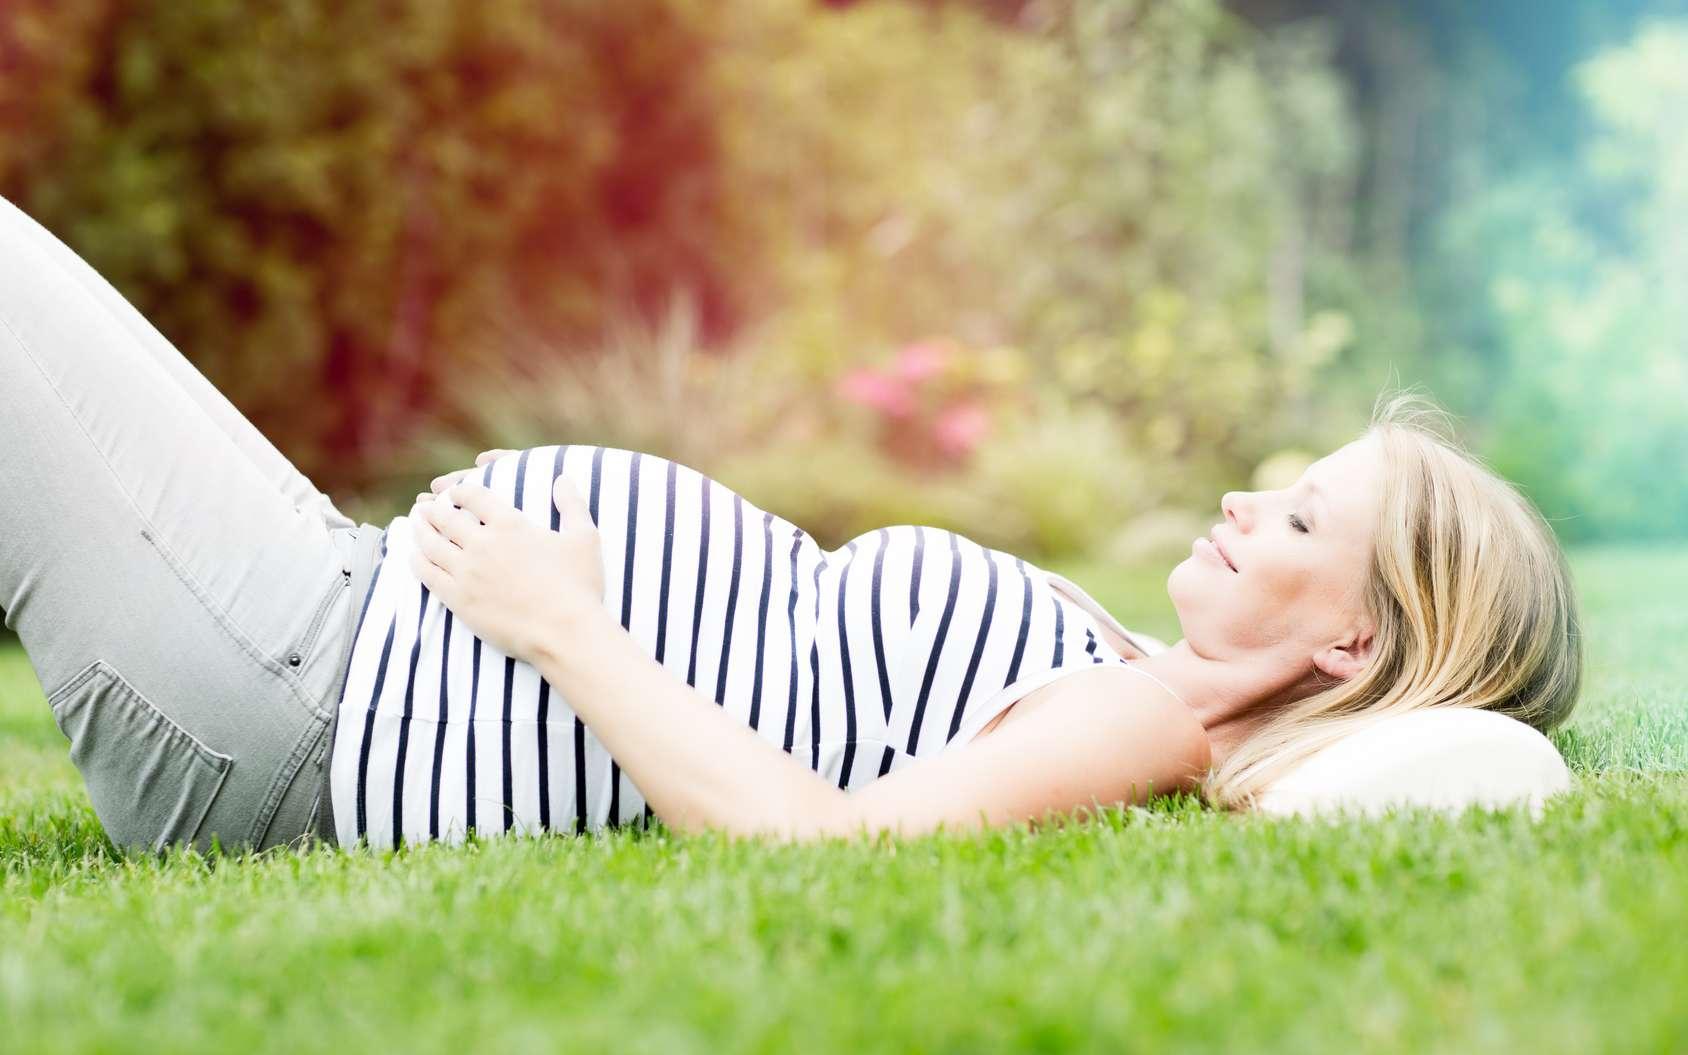 Selon une étude, les bébés conçus pendant l'été seraient ceux en meilleure santé. © drubig-photo, Fotolia